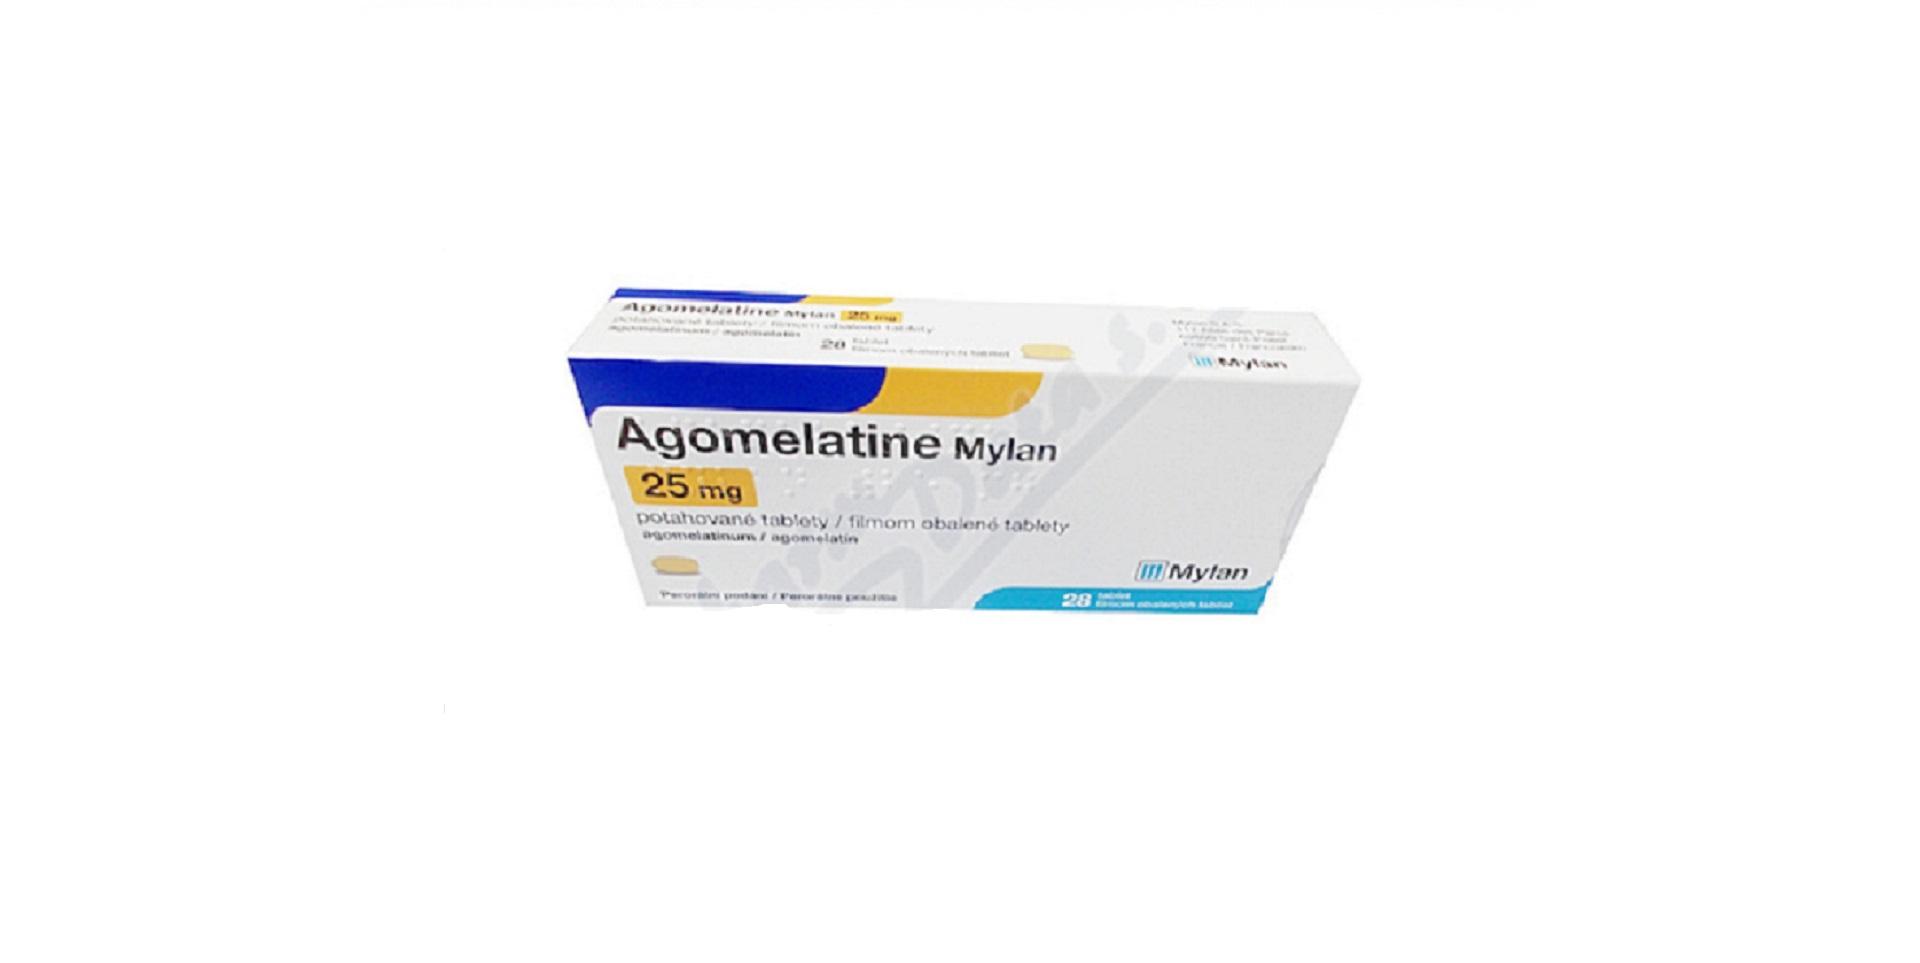 agomelatine mylan